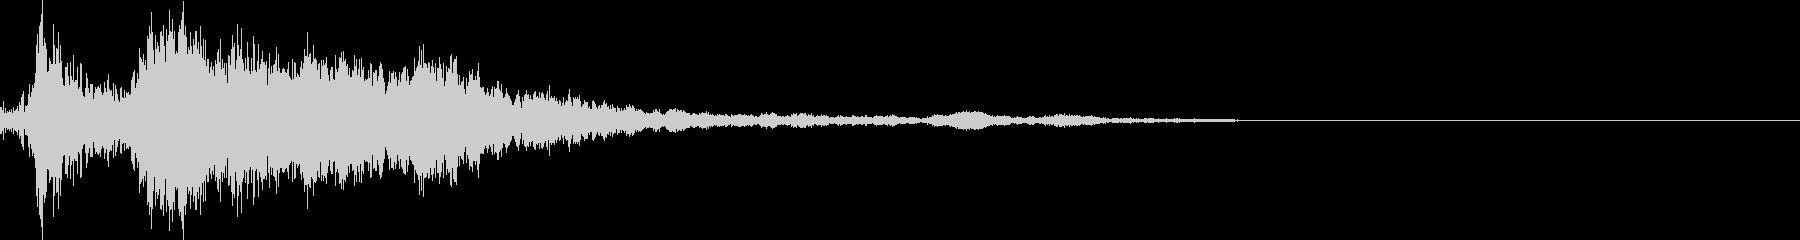 FPS リアル系カッコいいUIボタン音2の未再生の波形